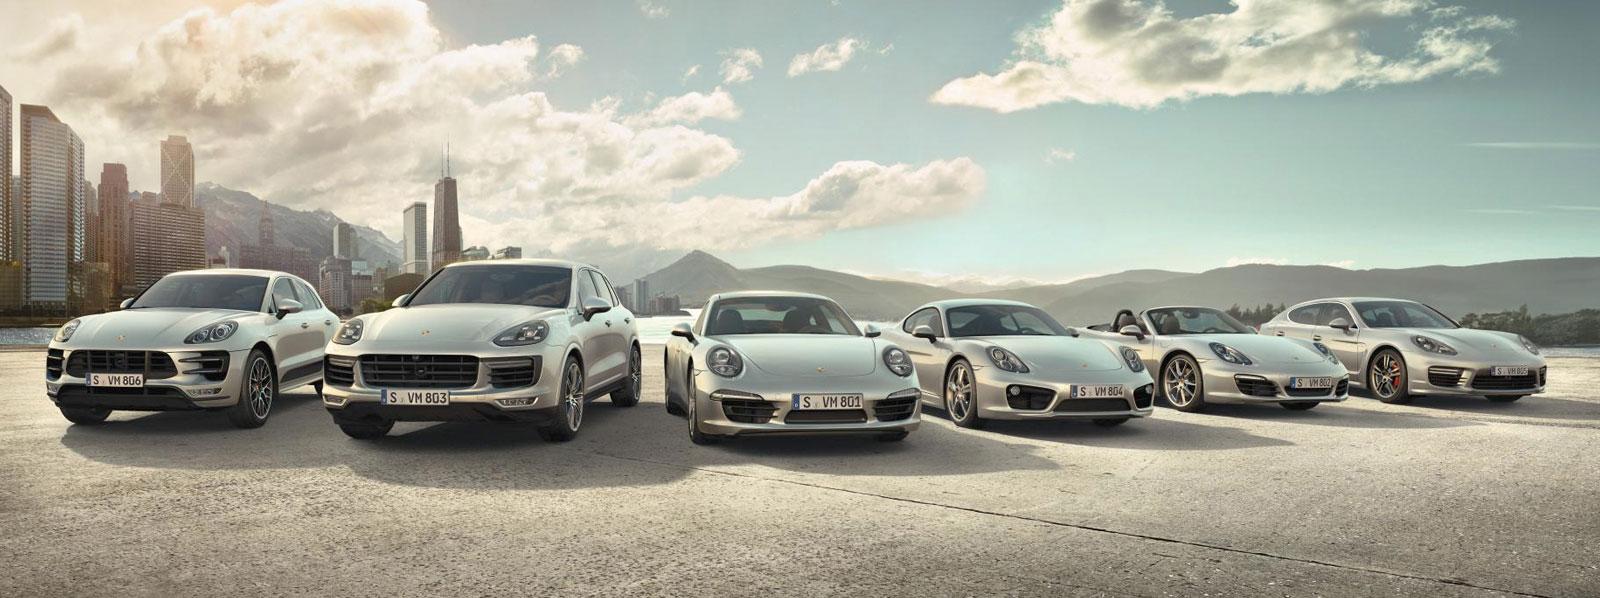 Lineup of Porsche models